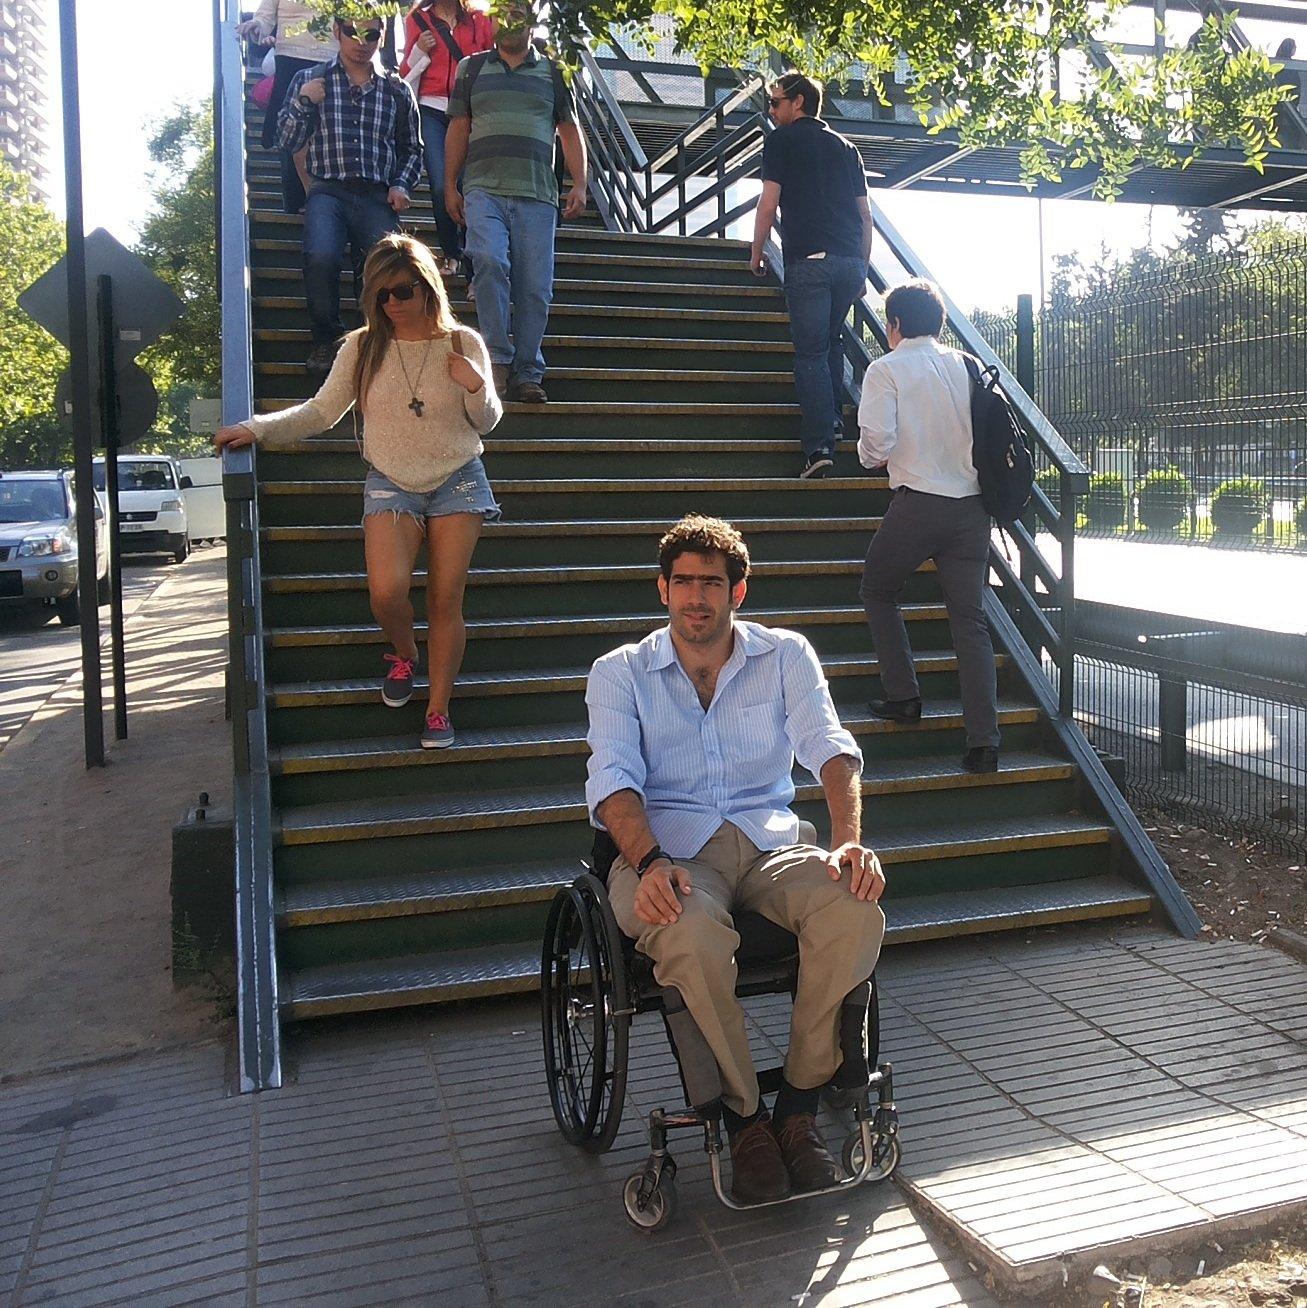 persona en silla de ruedas frente a escaleras de pasarela peatonal